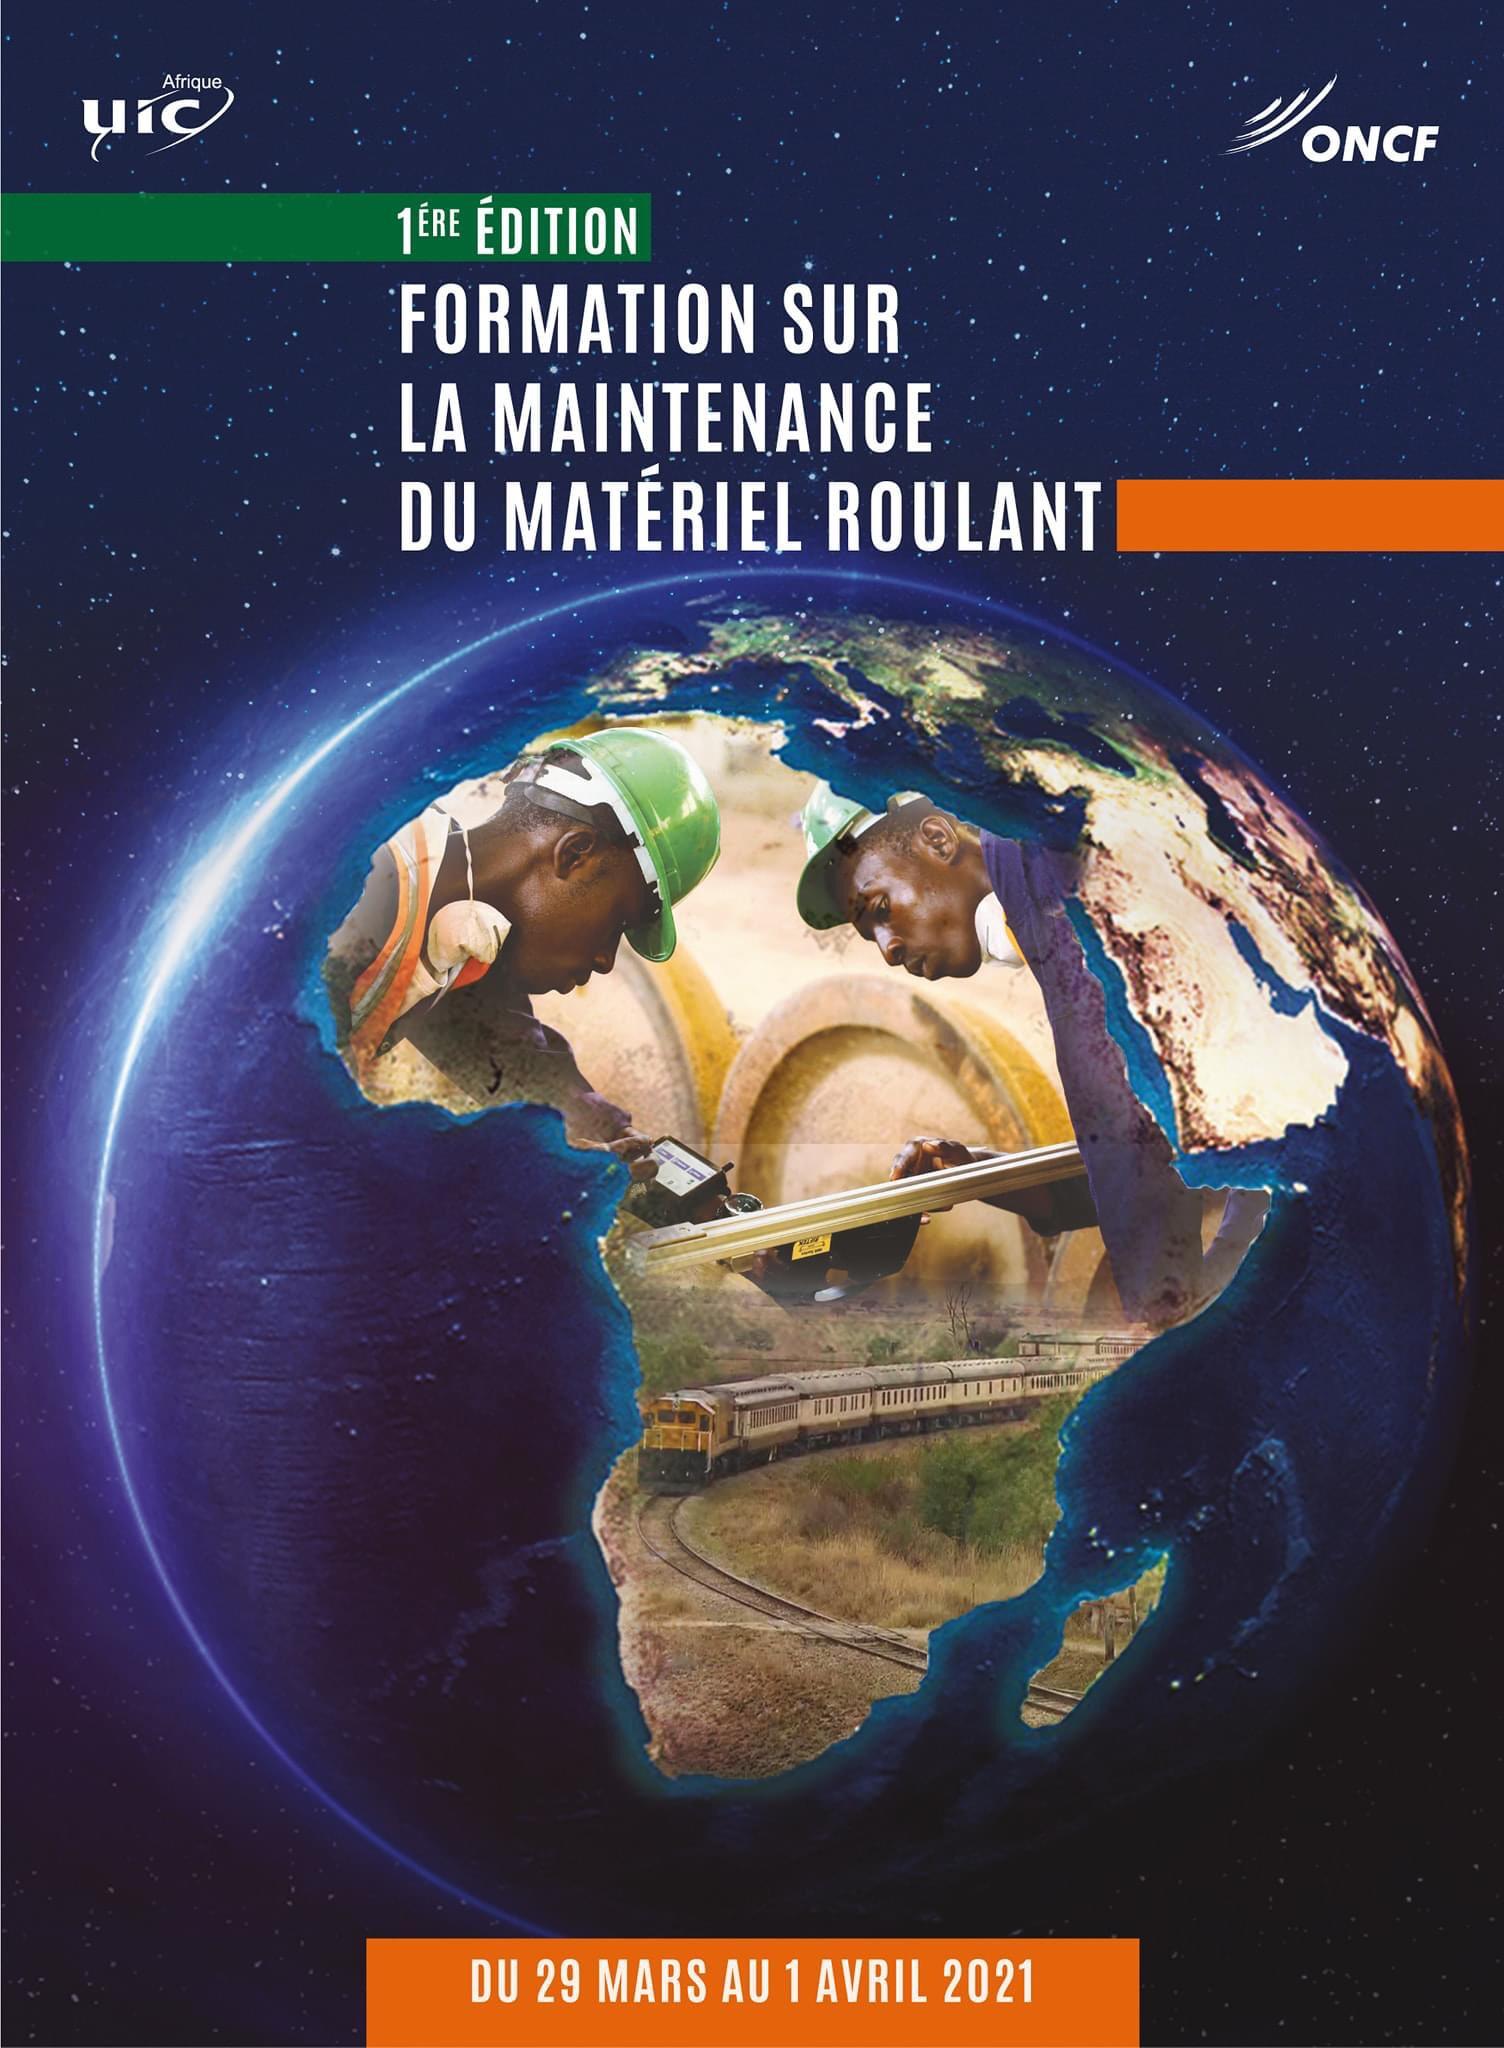 DEMARRAGE D'UN NOUVEAU CYCLE DE FORMATION  SUR LE MATERIEL ROULANT AU PROFIT DE  PLUS DE 100 RESPONSABLES DES RESEAUX AFRICAINS